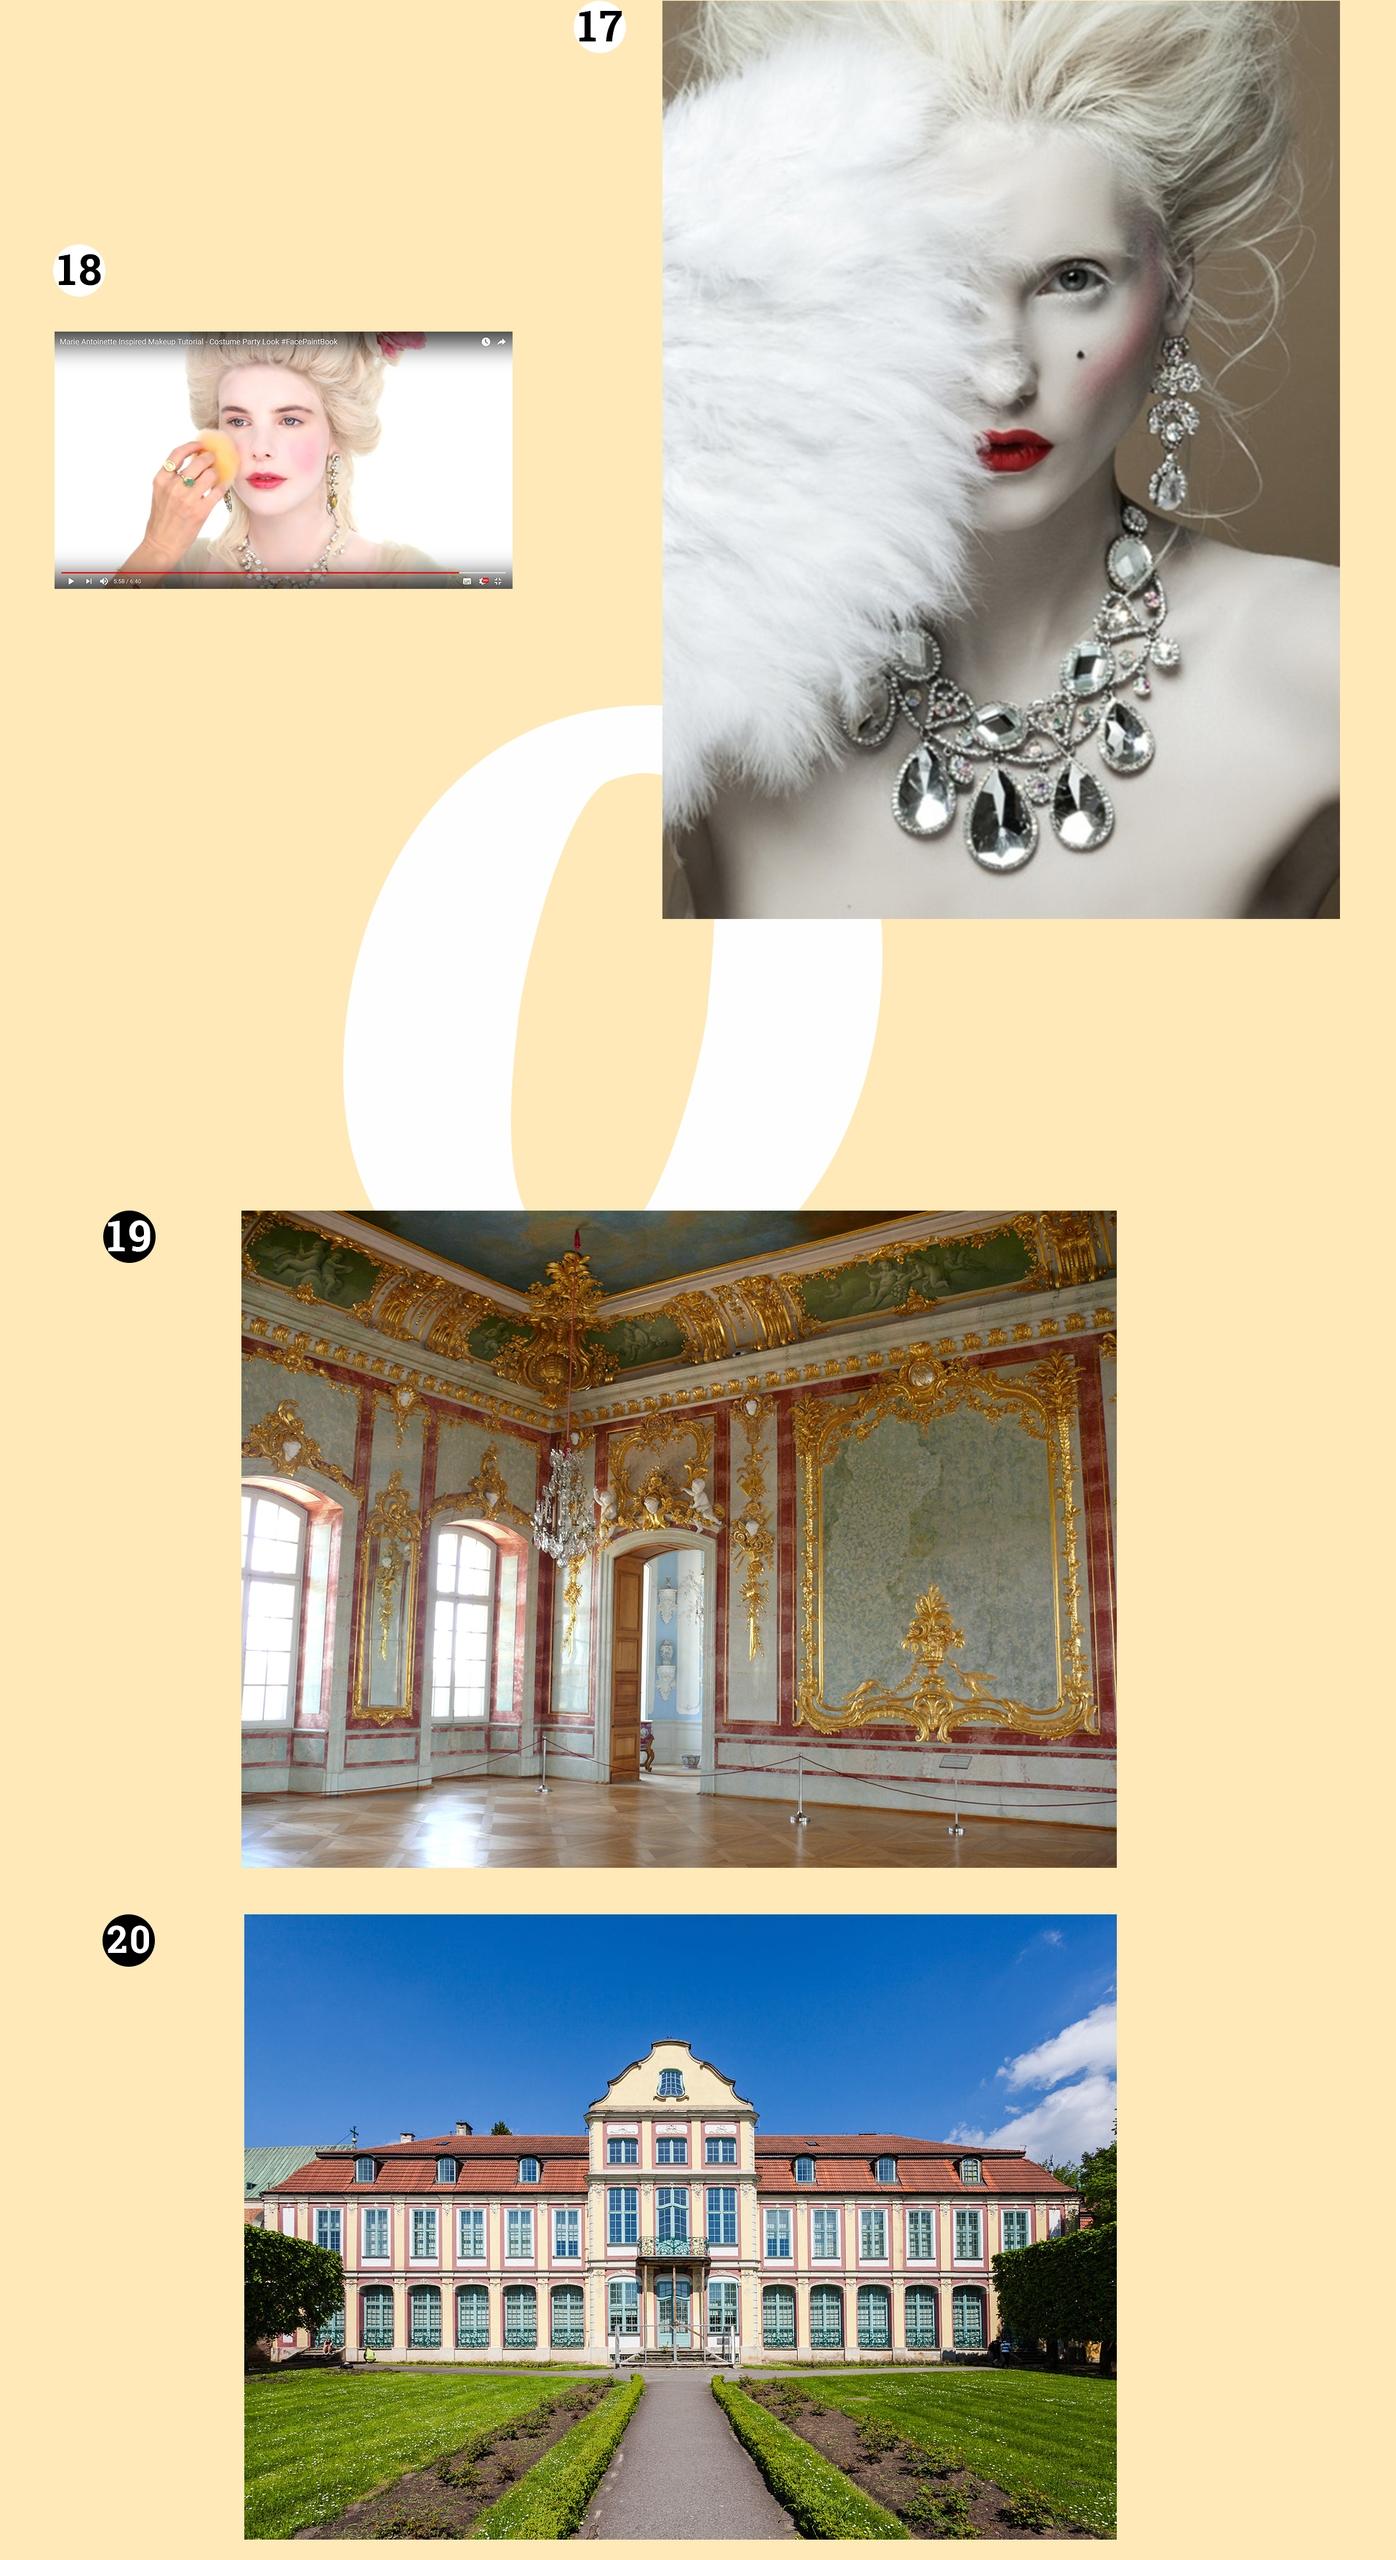 Obraz przedstawia cztery zdjęcia. Widzimy budynki, kobiecą twarz pomalowaną na biało oraz wnętrze w stylu rokoka.